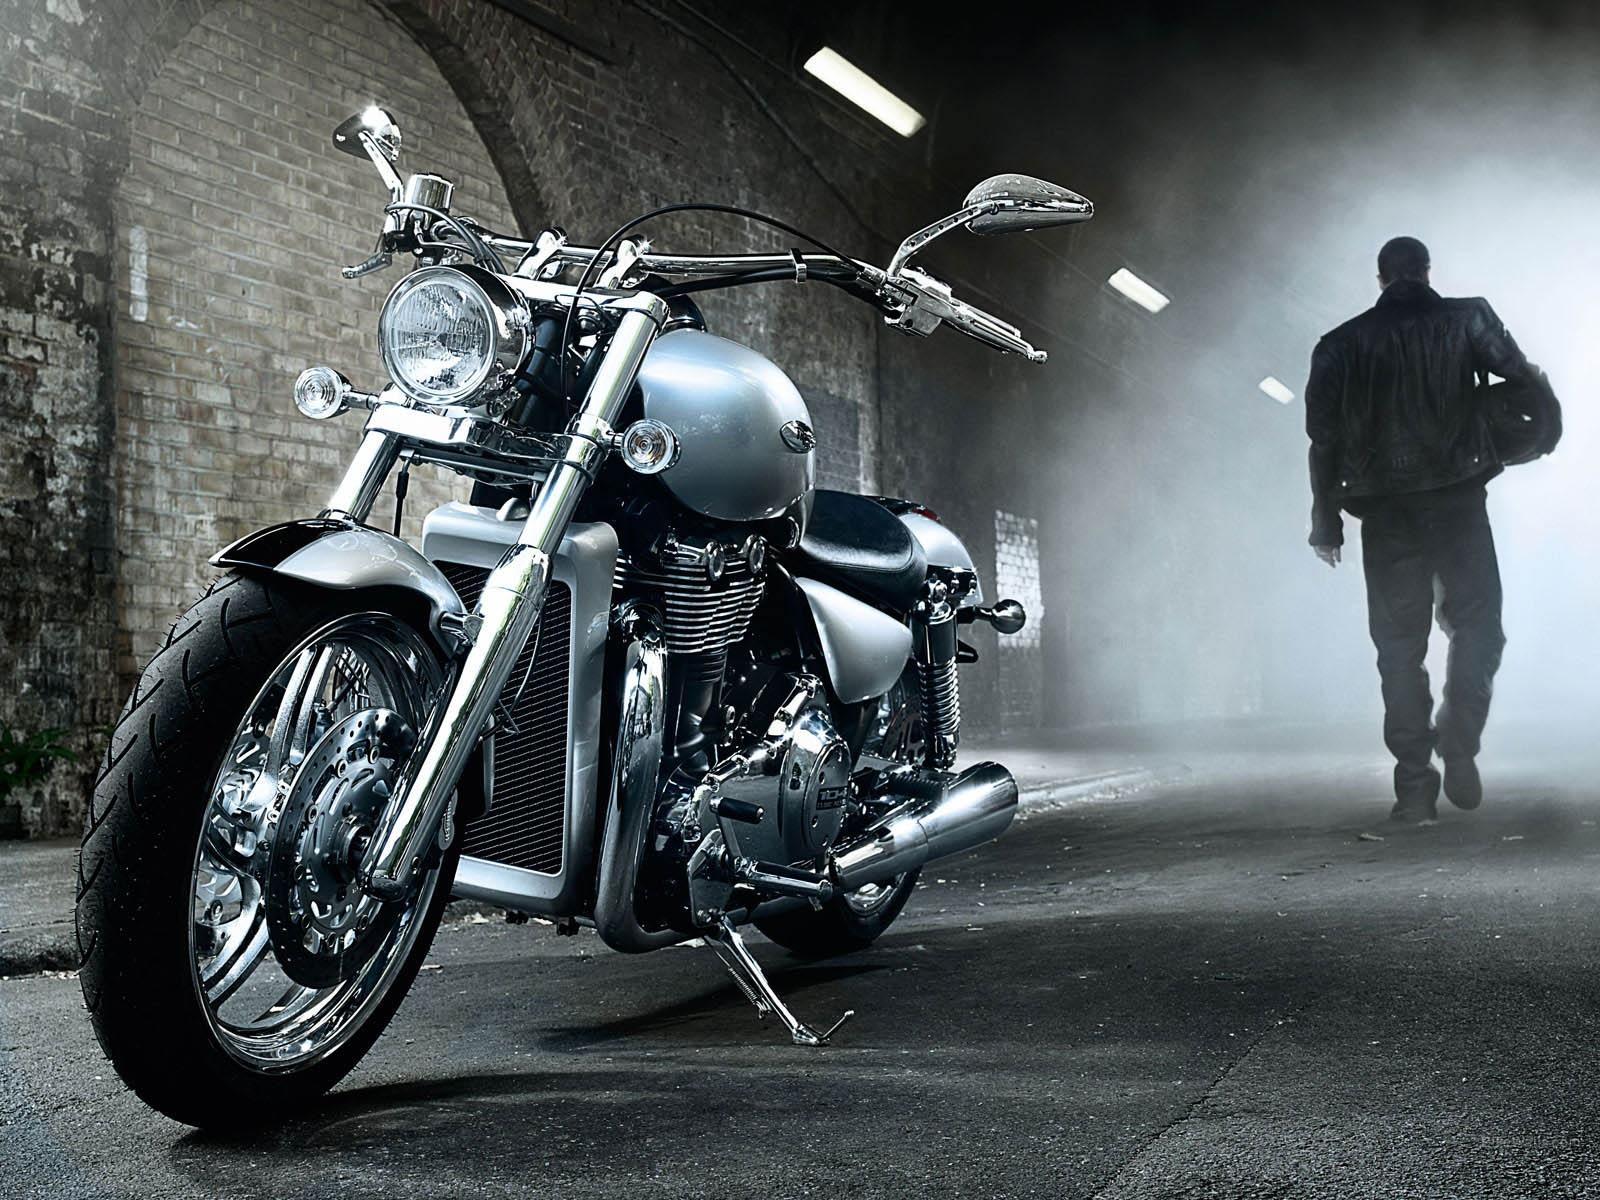 1600x1200px 591.88 KB Biker #342453